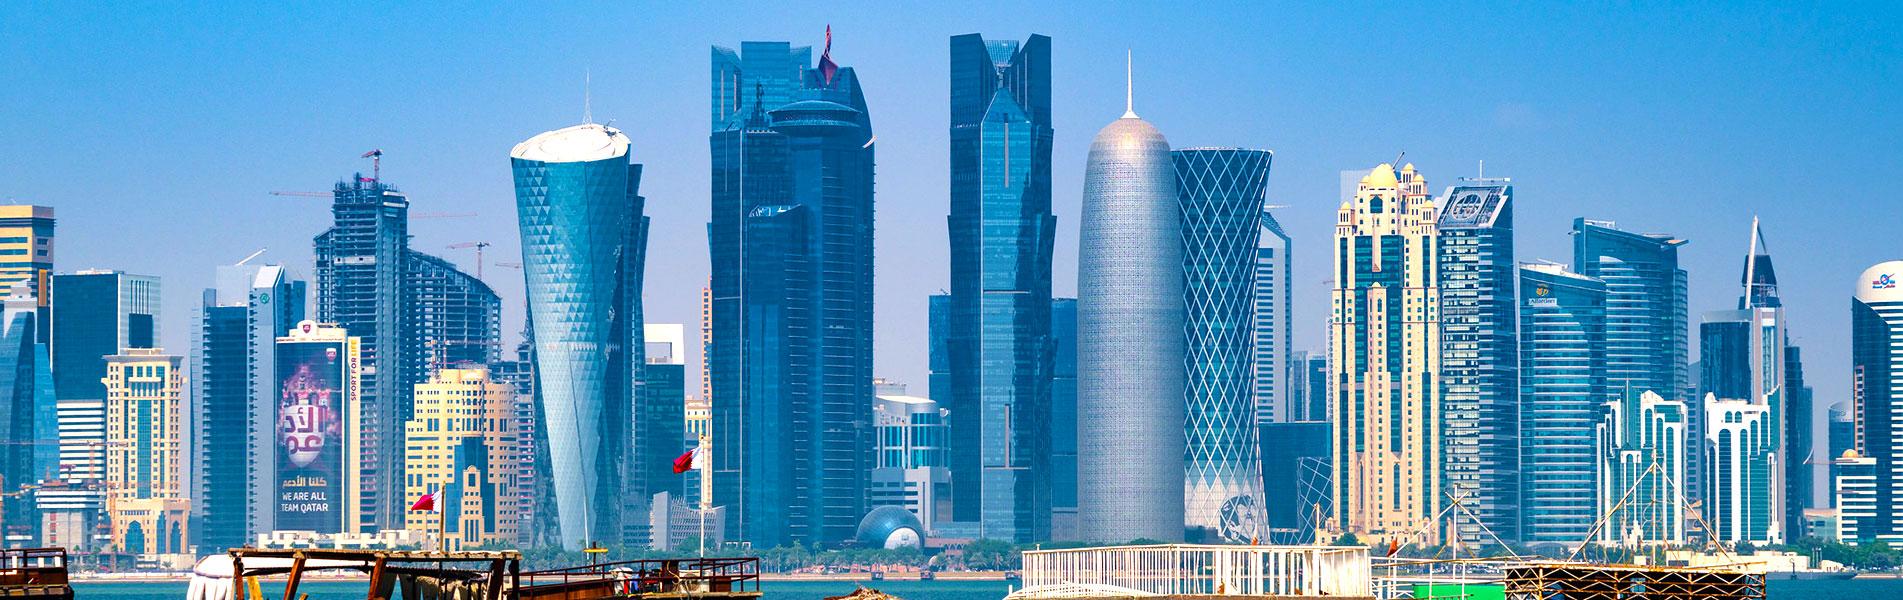 Skyscraper in Doha